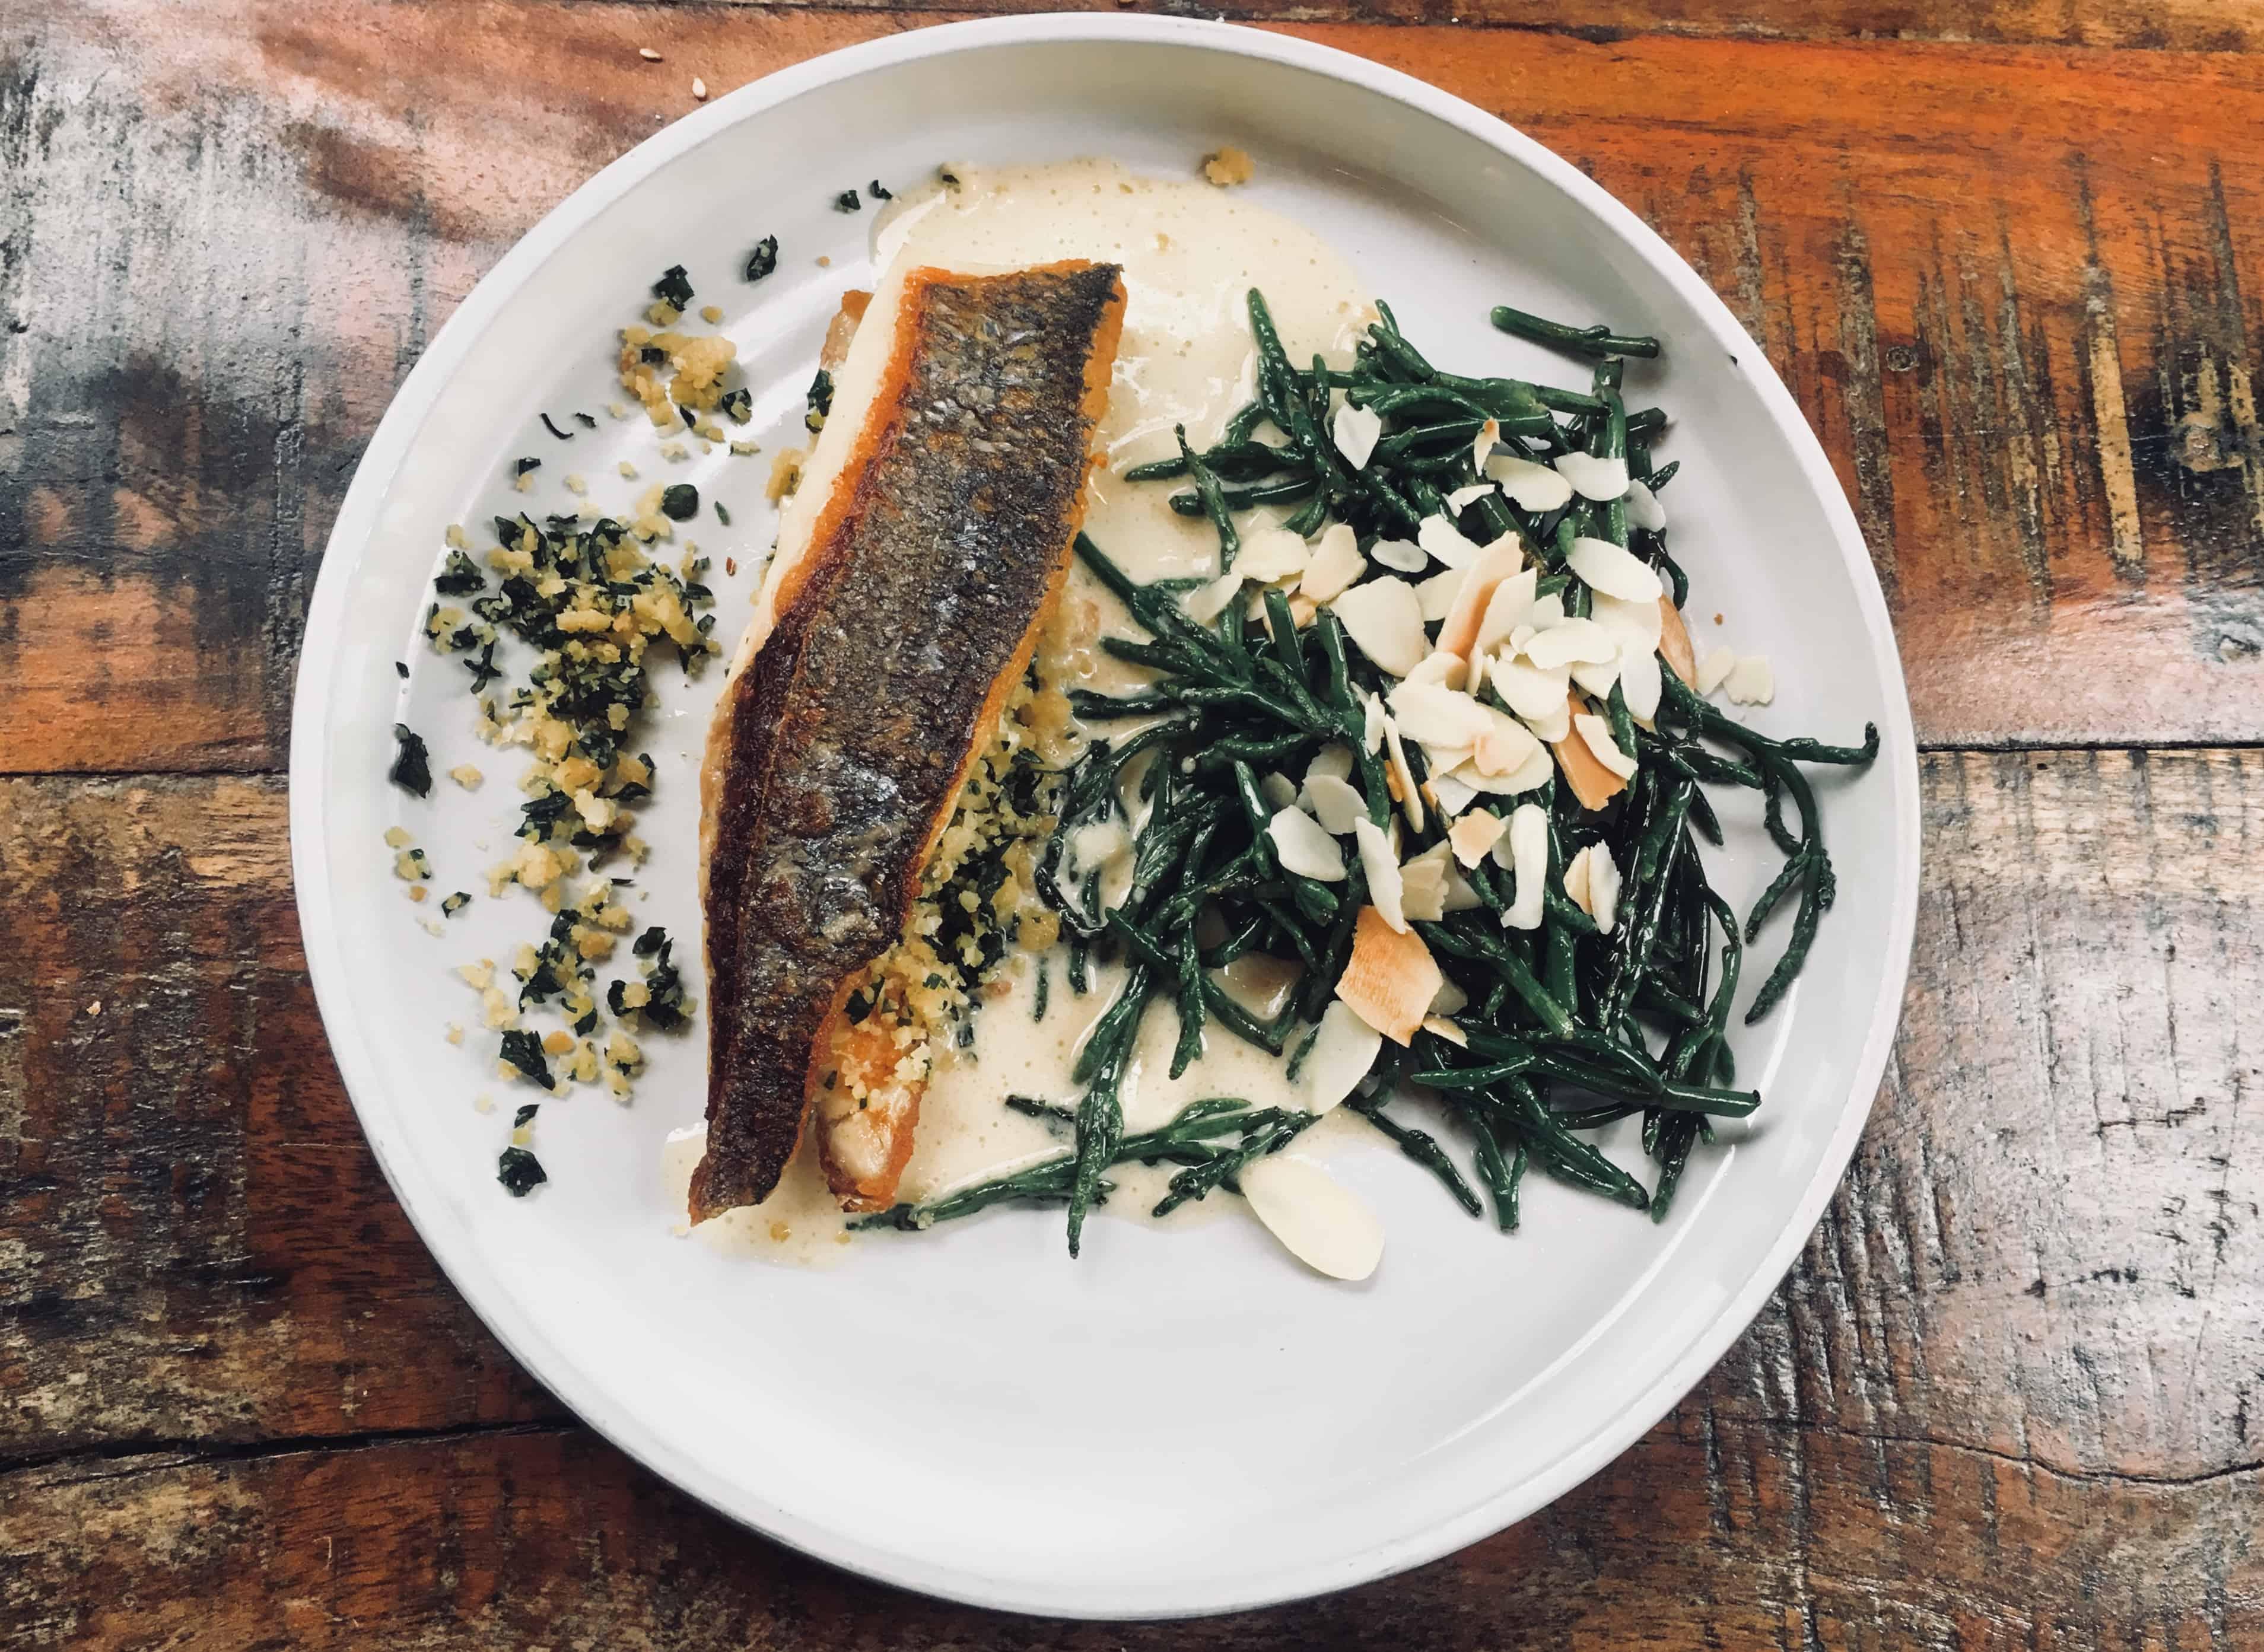 De met vissenschubben gedecoreerde, grijsblauwe bar met verlenging naar de keuken staat centraal in Bar Fisk. Dit omdat de zaak geïnspireerd is op de dining stijl in Tel Aviv, waar men vaak aan een bar zit, om te praten met de kok en in de keuken te kijken. Eigenaar Irit Lior en chef-kok Oren Aharon brengen met Bar Fisk de Israëlische gezelligheid en bijzondere smaken naar Amsterdam. Bar Fisk Amsterdam.